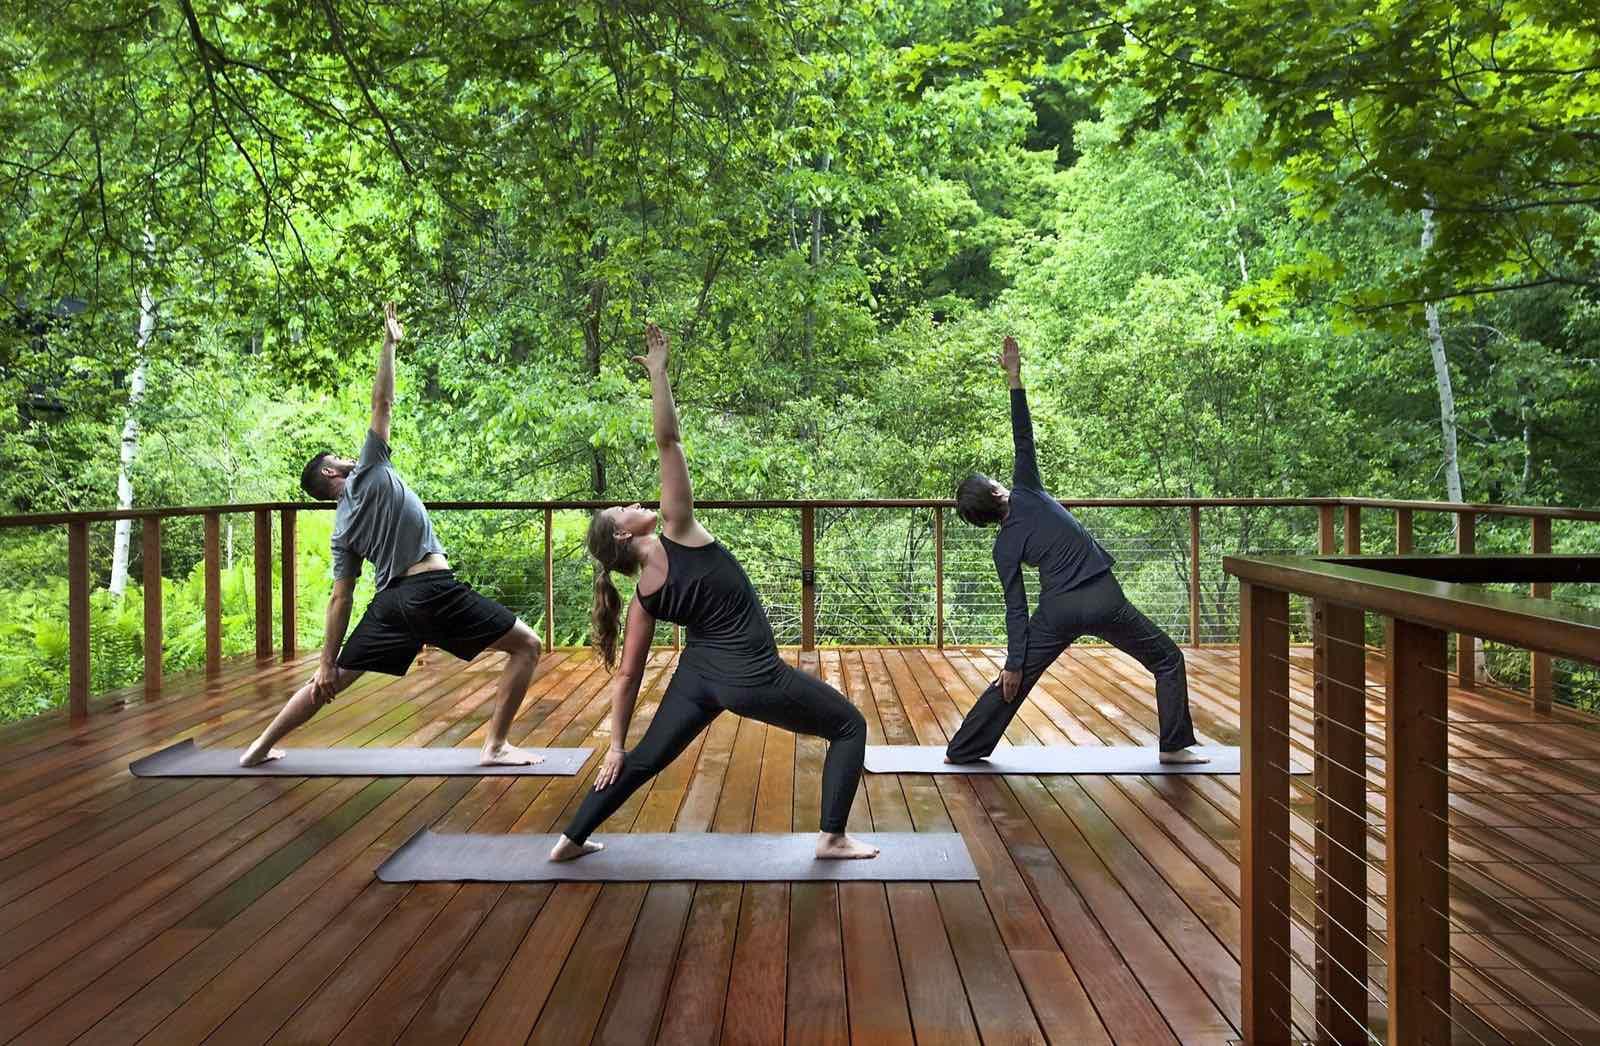 Tập yoga giữa rừng xanh thơ mộng, trong lành